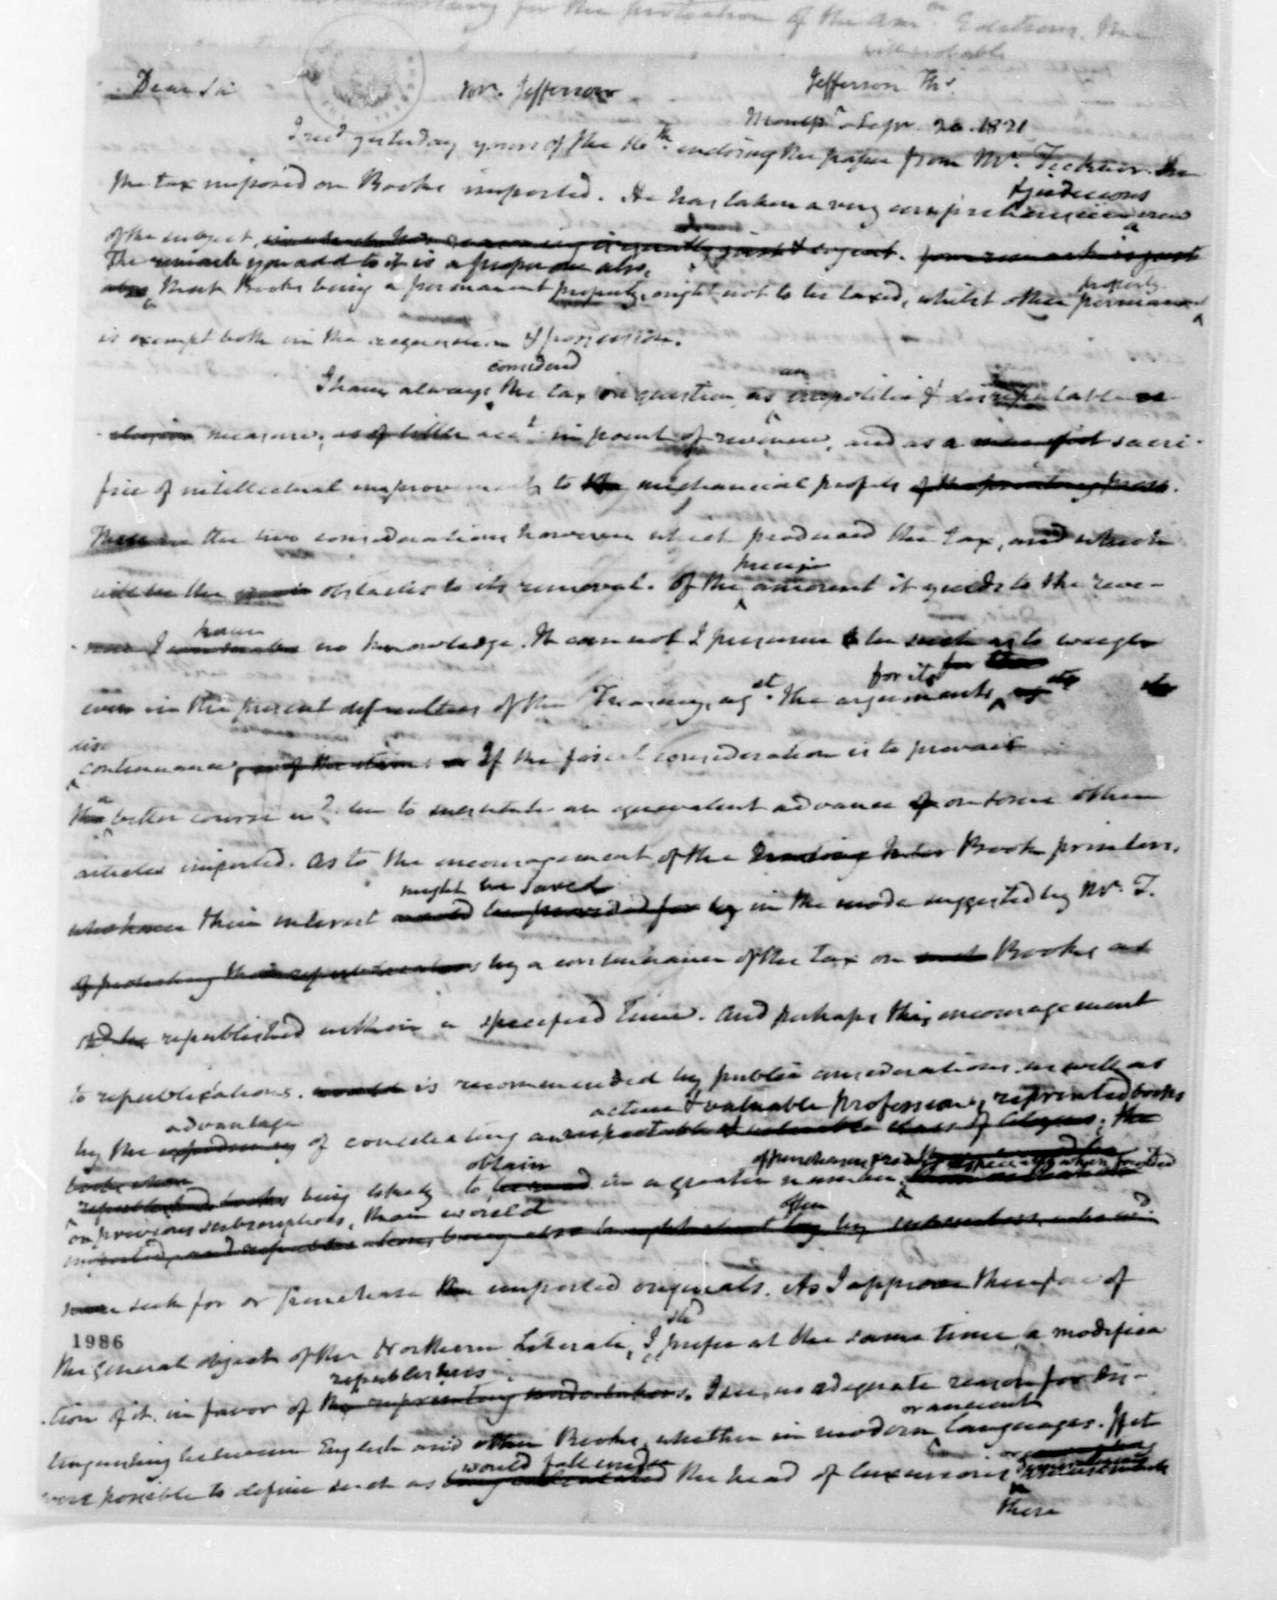 James Madison to Thomas Jefferson, September 20, 1821.